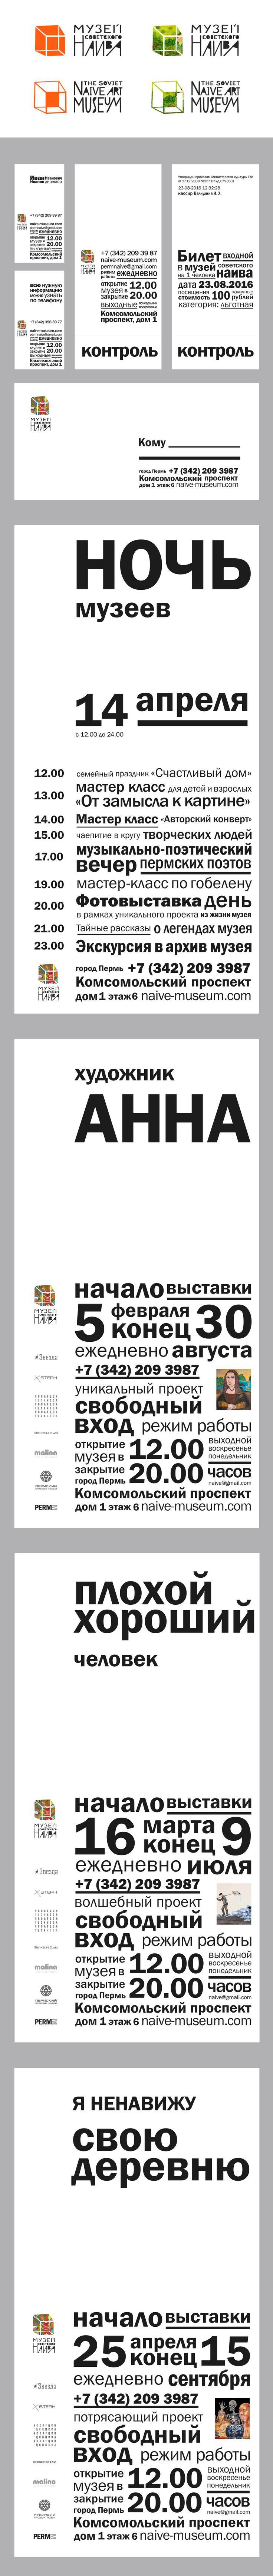 фирменный стиль для музея наивного искусства brand branding typography